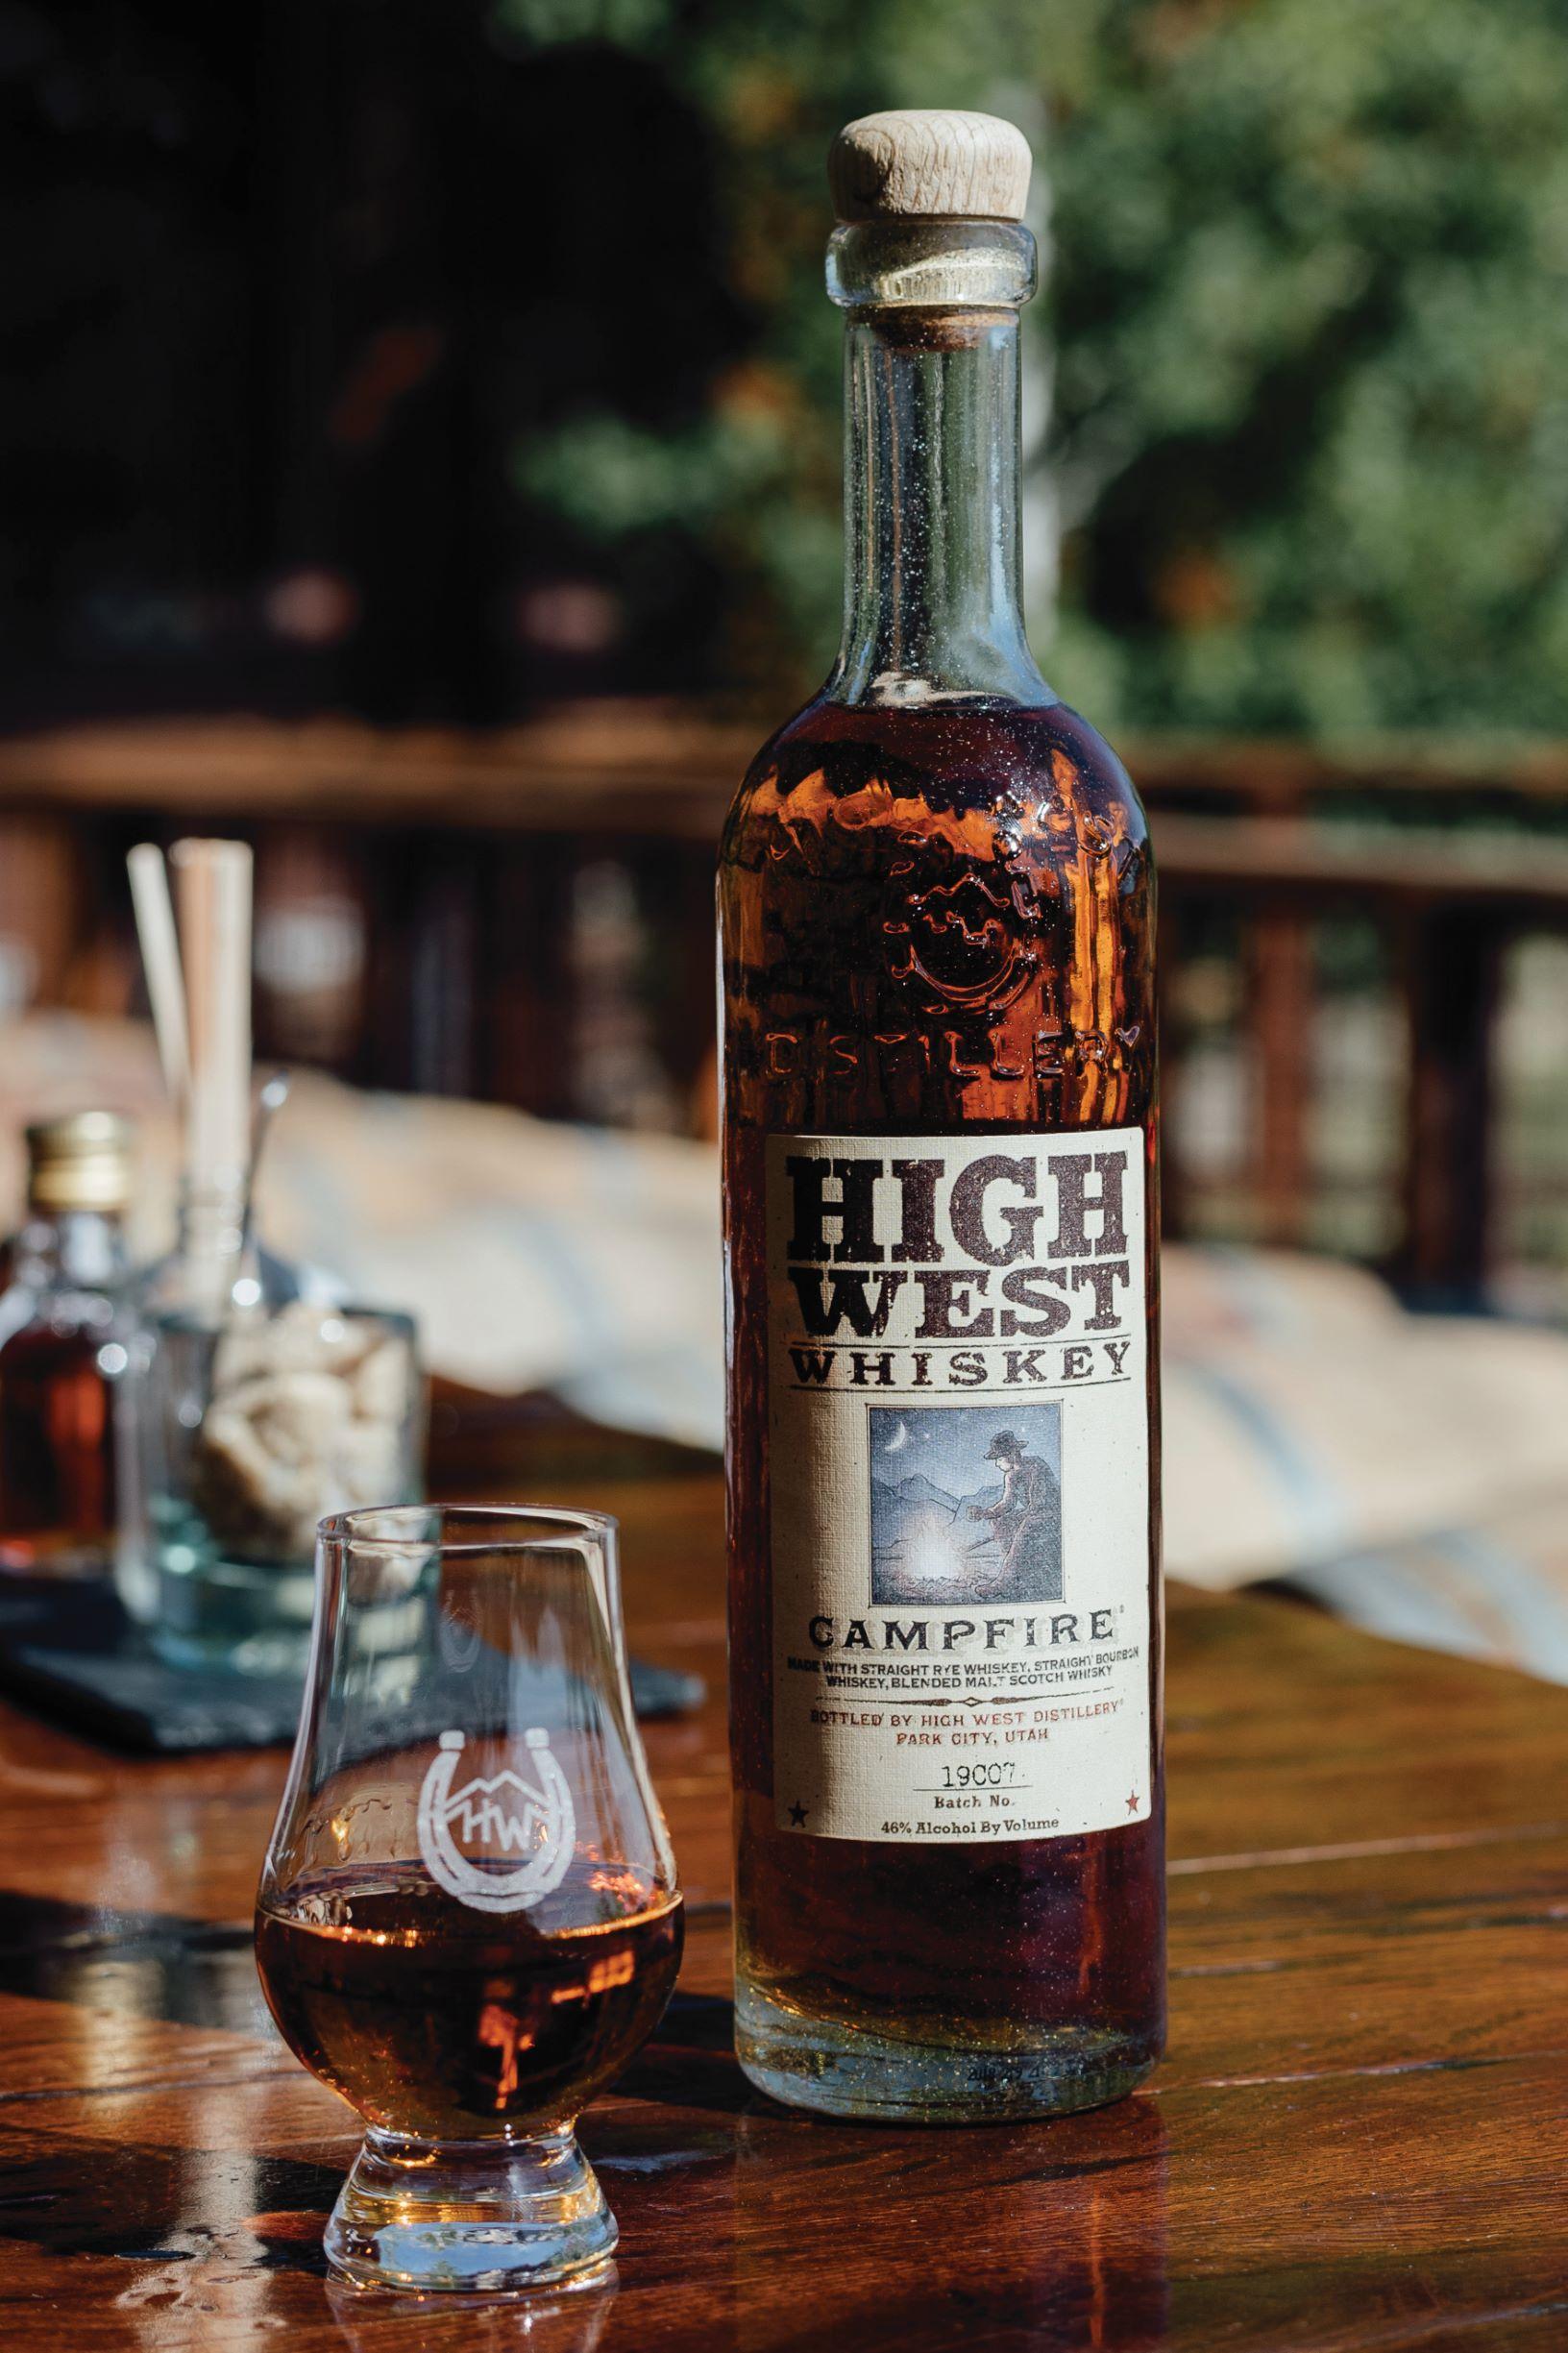 High West - Campfire